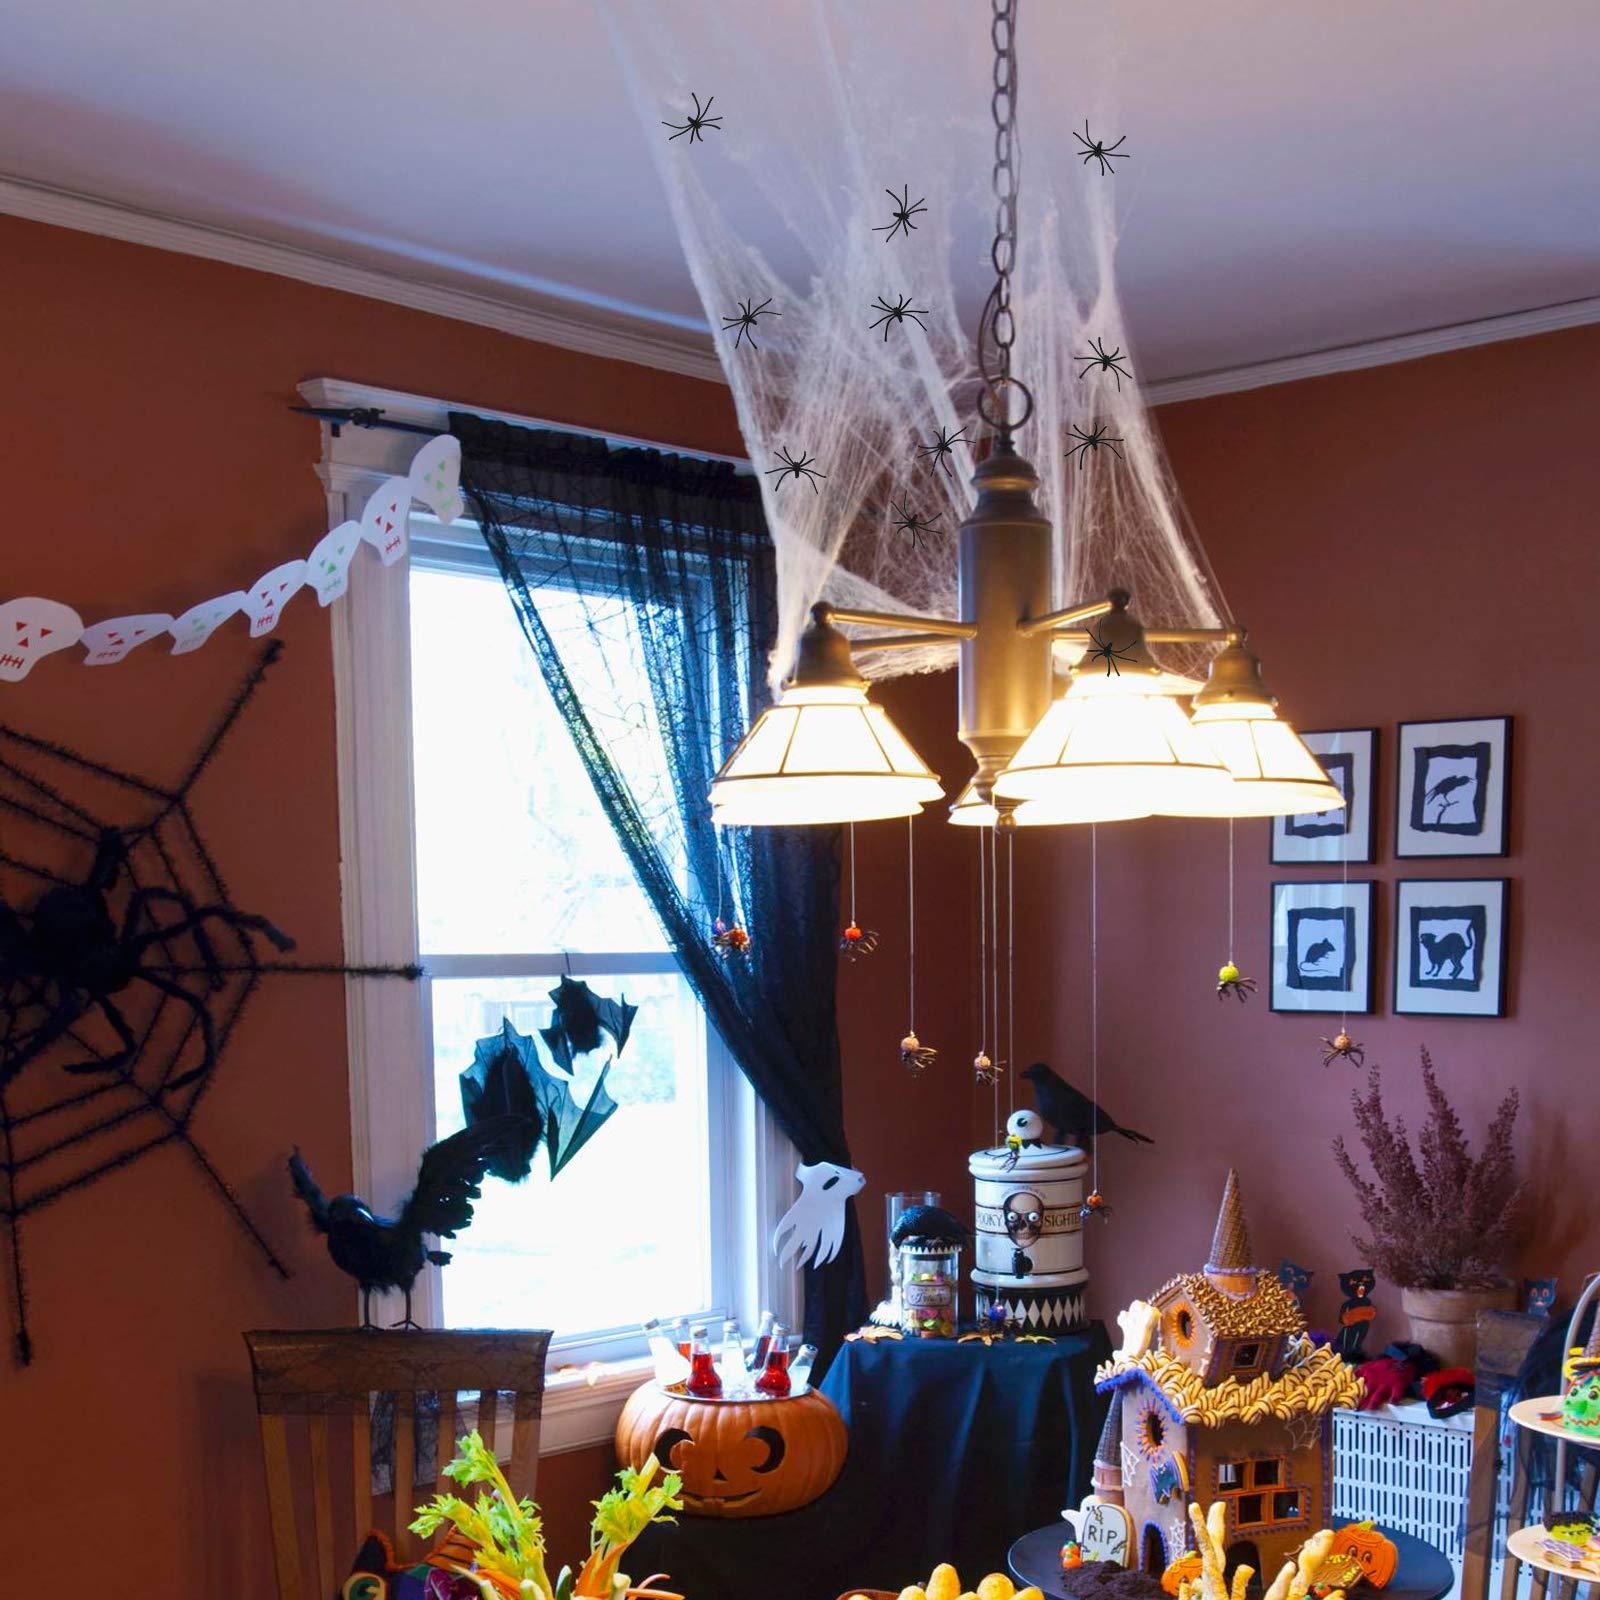 KATOOM 2Stk Halloween Deko Set Spinnennetz und Spitze Decke Halloweendekoration mit 30 Spinnen Spinnennetz Vorhang für Kamin Tür Karneval Halloween Allerheiligen (Halloween Deko Set)